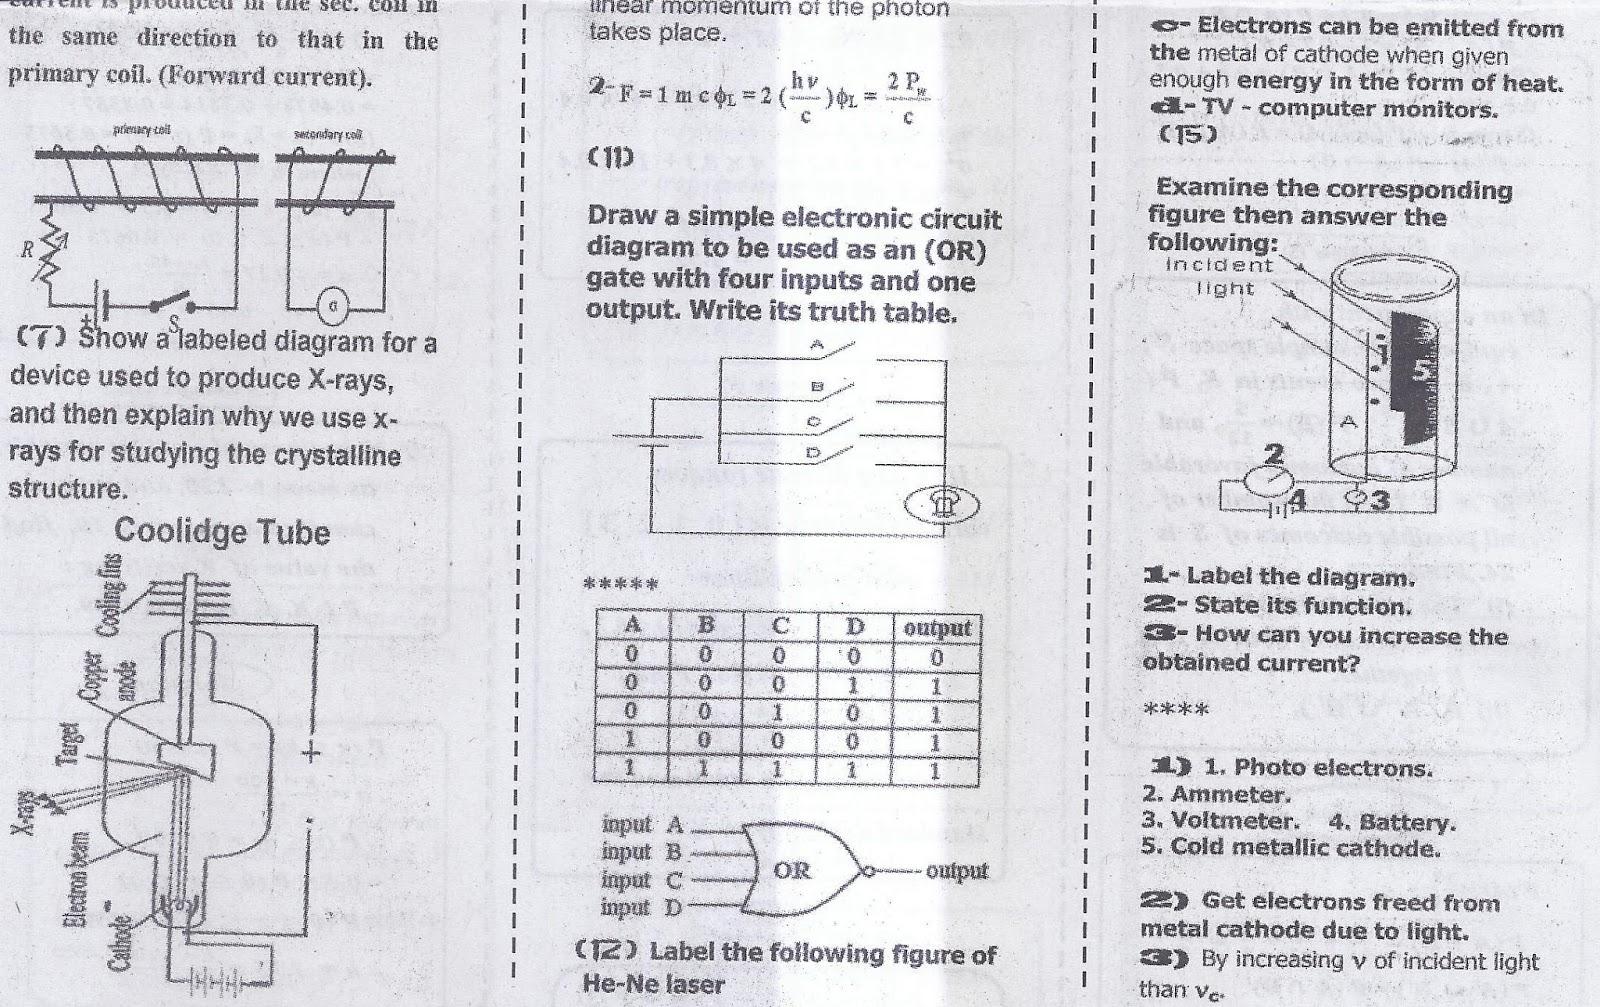 مراجعة الجمهورية ليلة امتحان الفيزياء للعربى واللغات